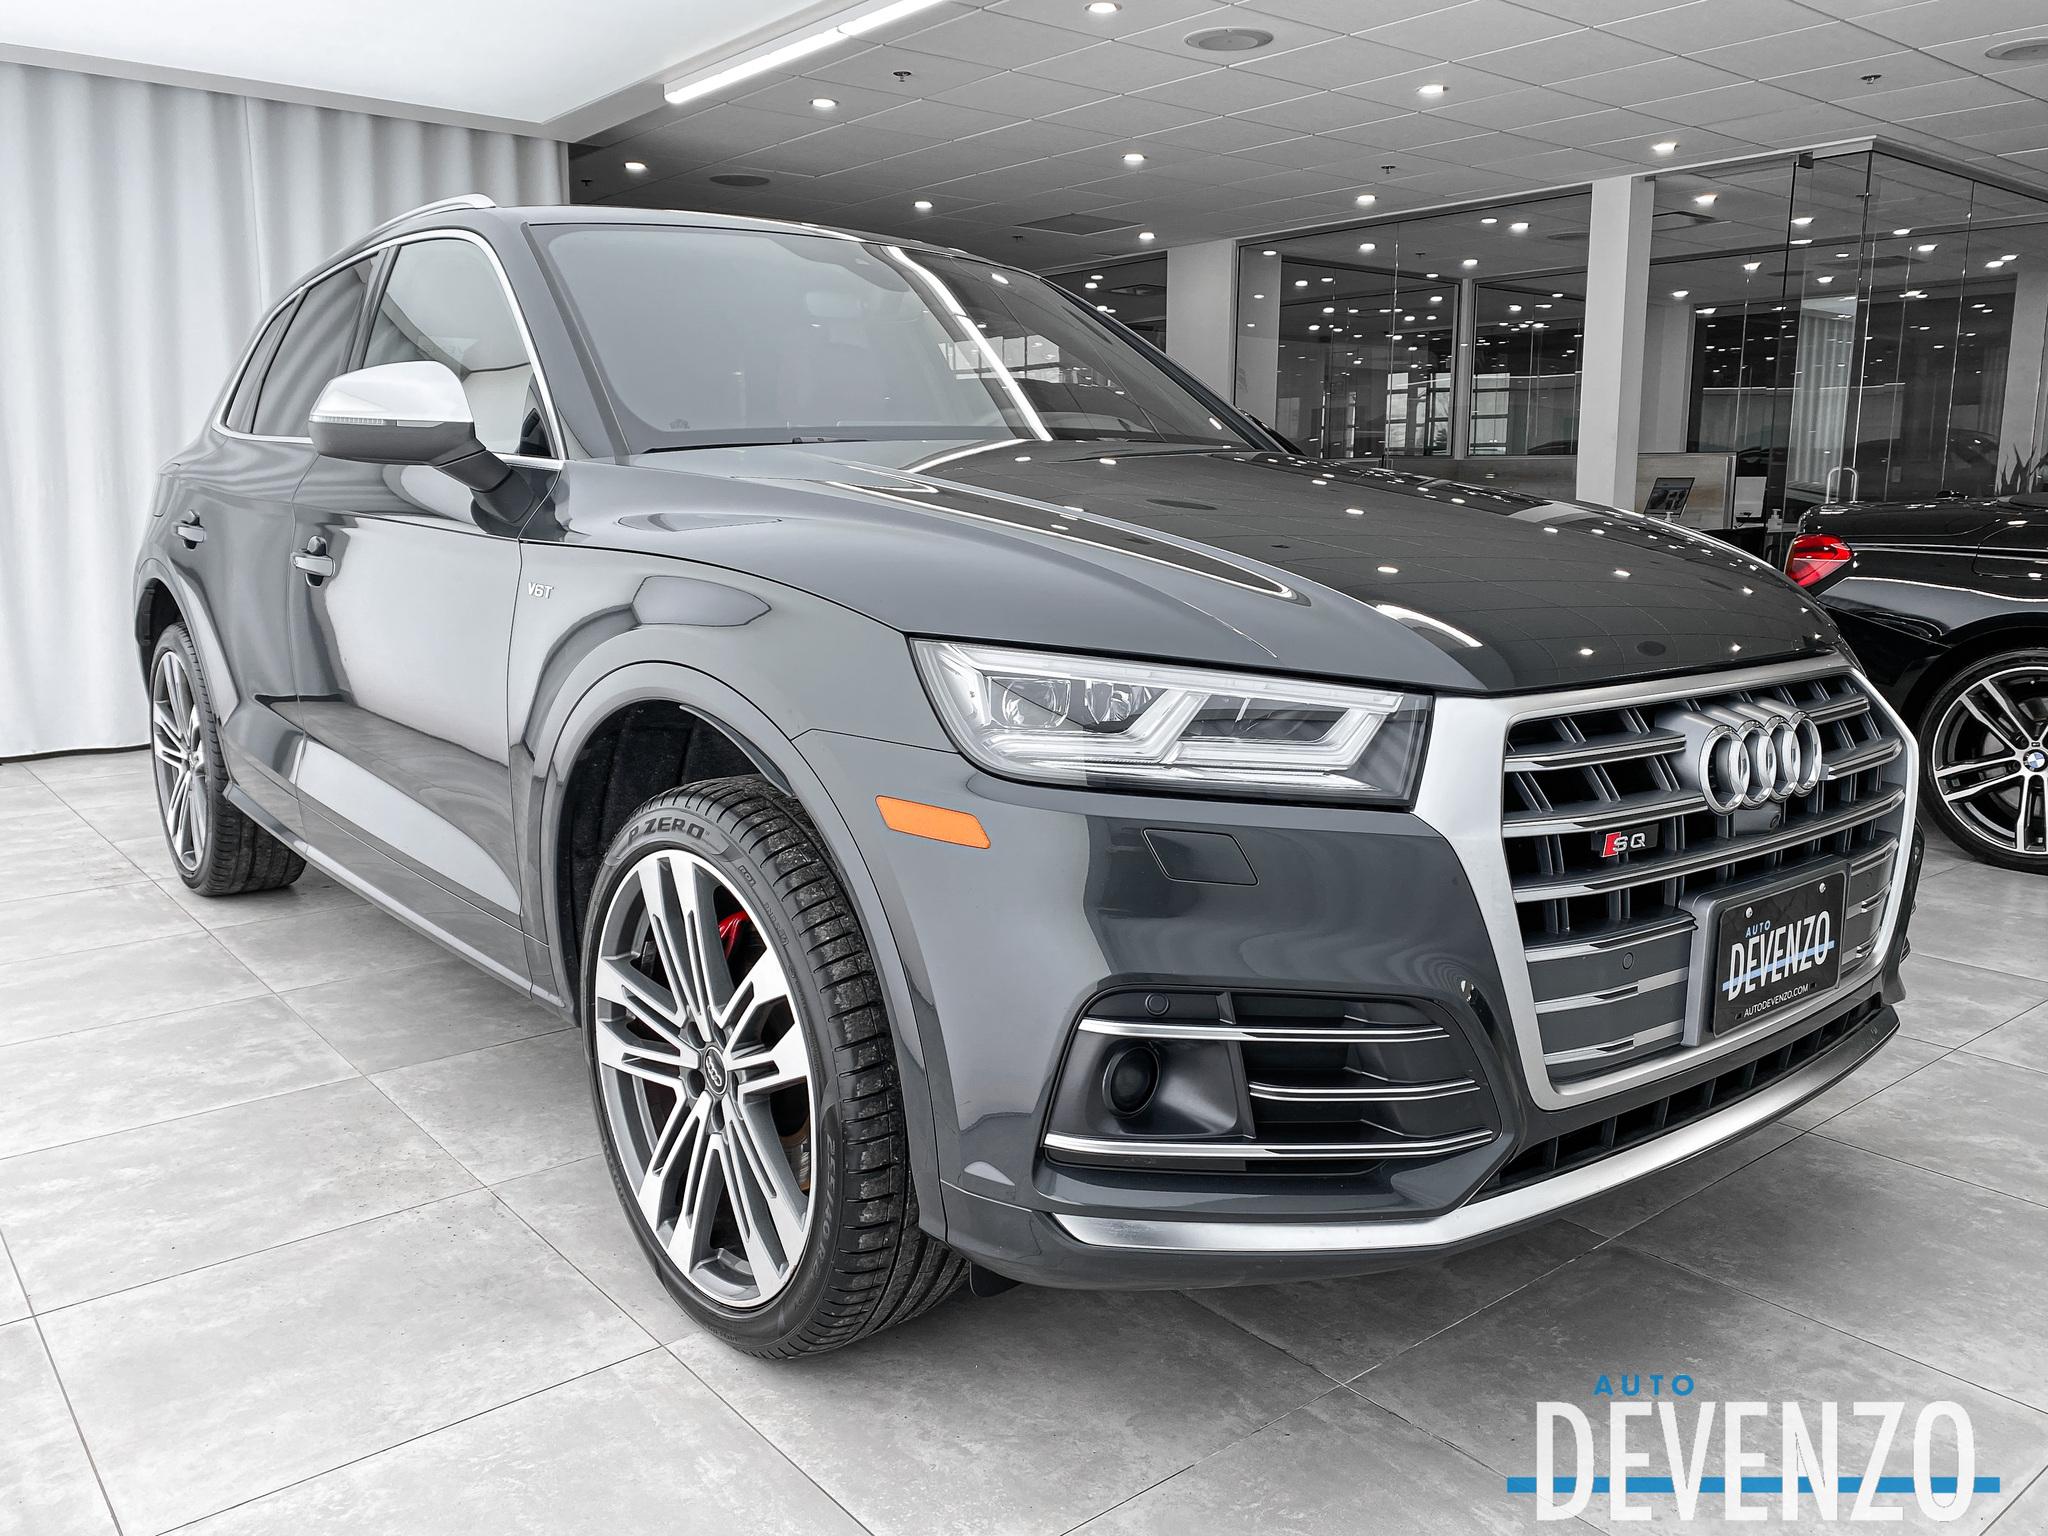 2018 Audi SQ5 3.0 TFSI QUATTRO TECHNIK CRUISE ADAPTIF / CARBON complet